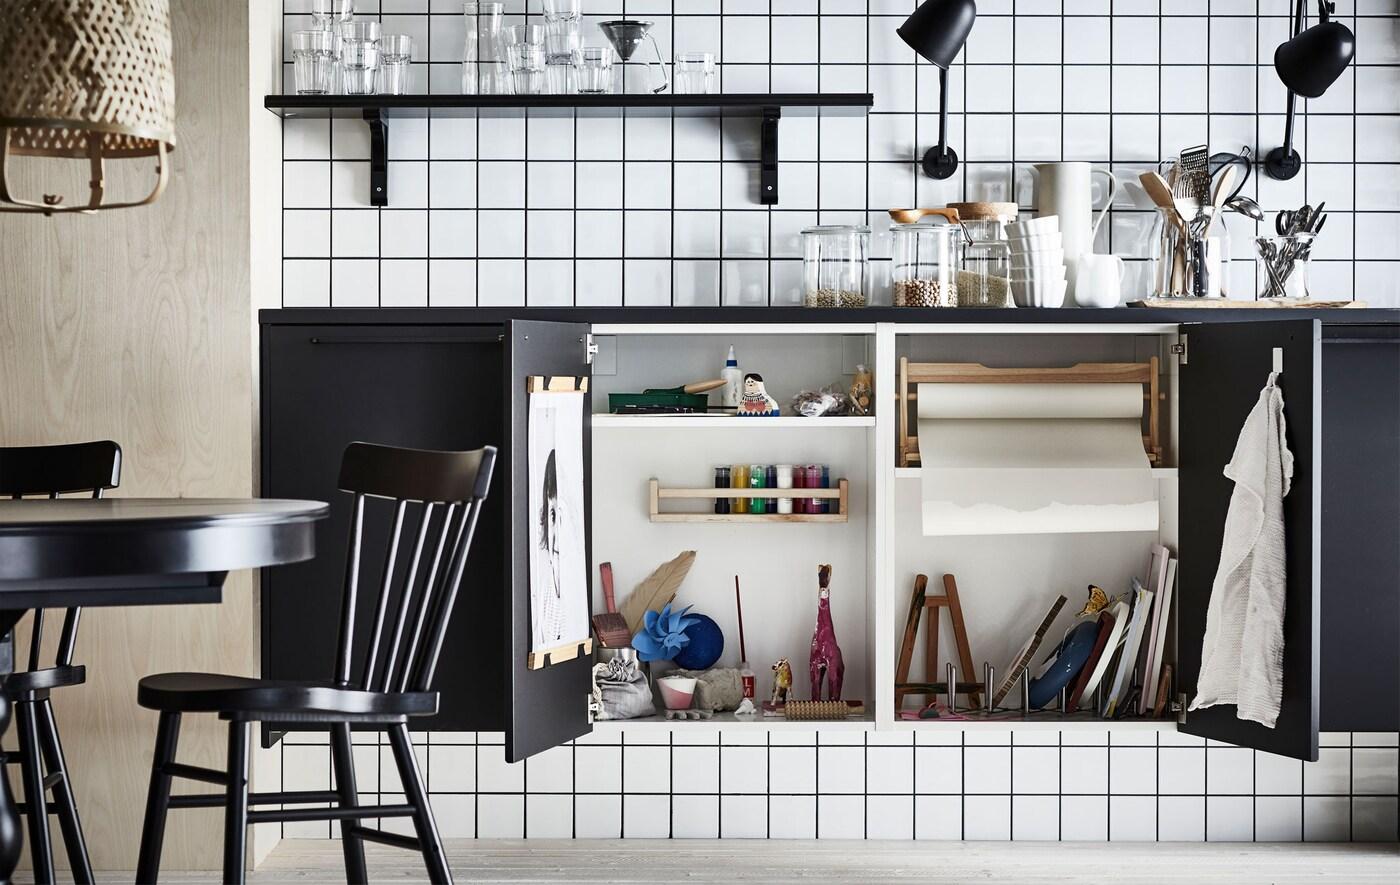 Blat kuchenny oraz dwie szafki z otwartymi drzwiami, w których widać kompletne, miniaturowe studio sztuki.